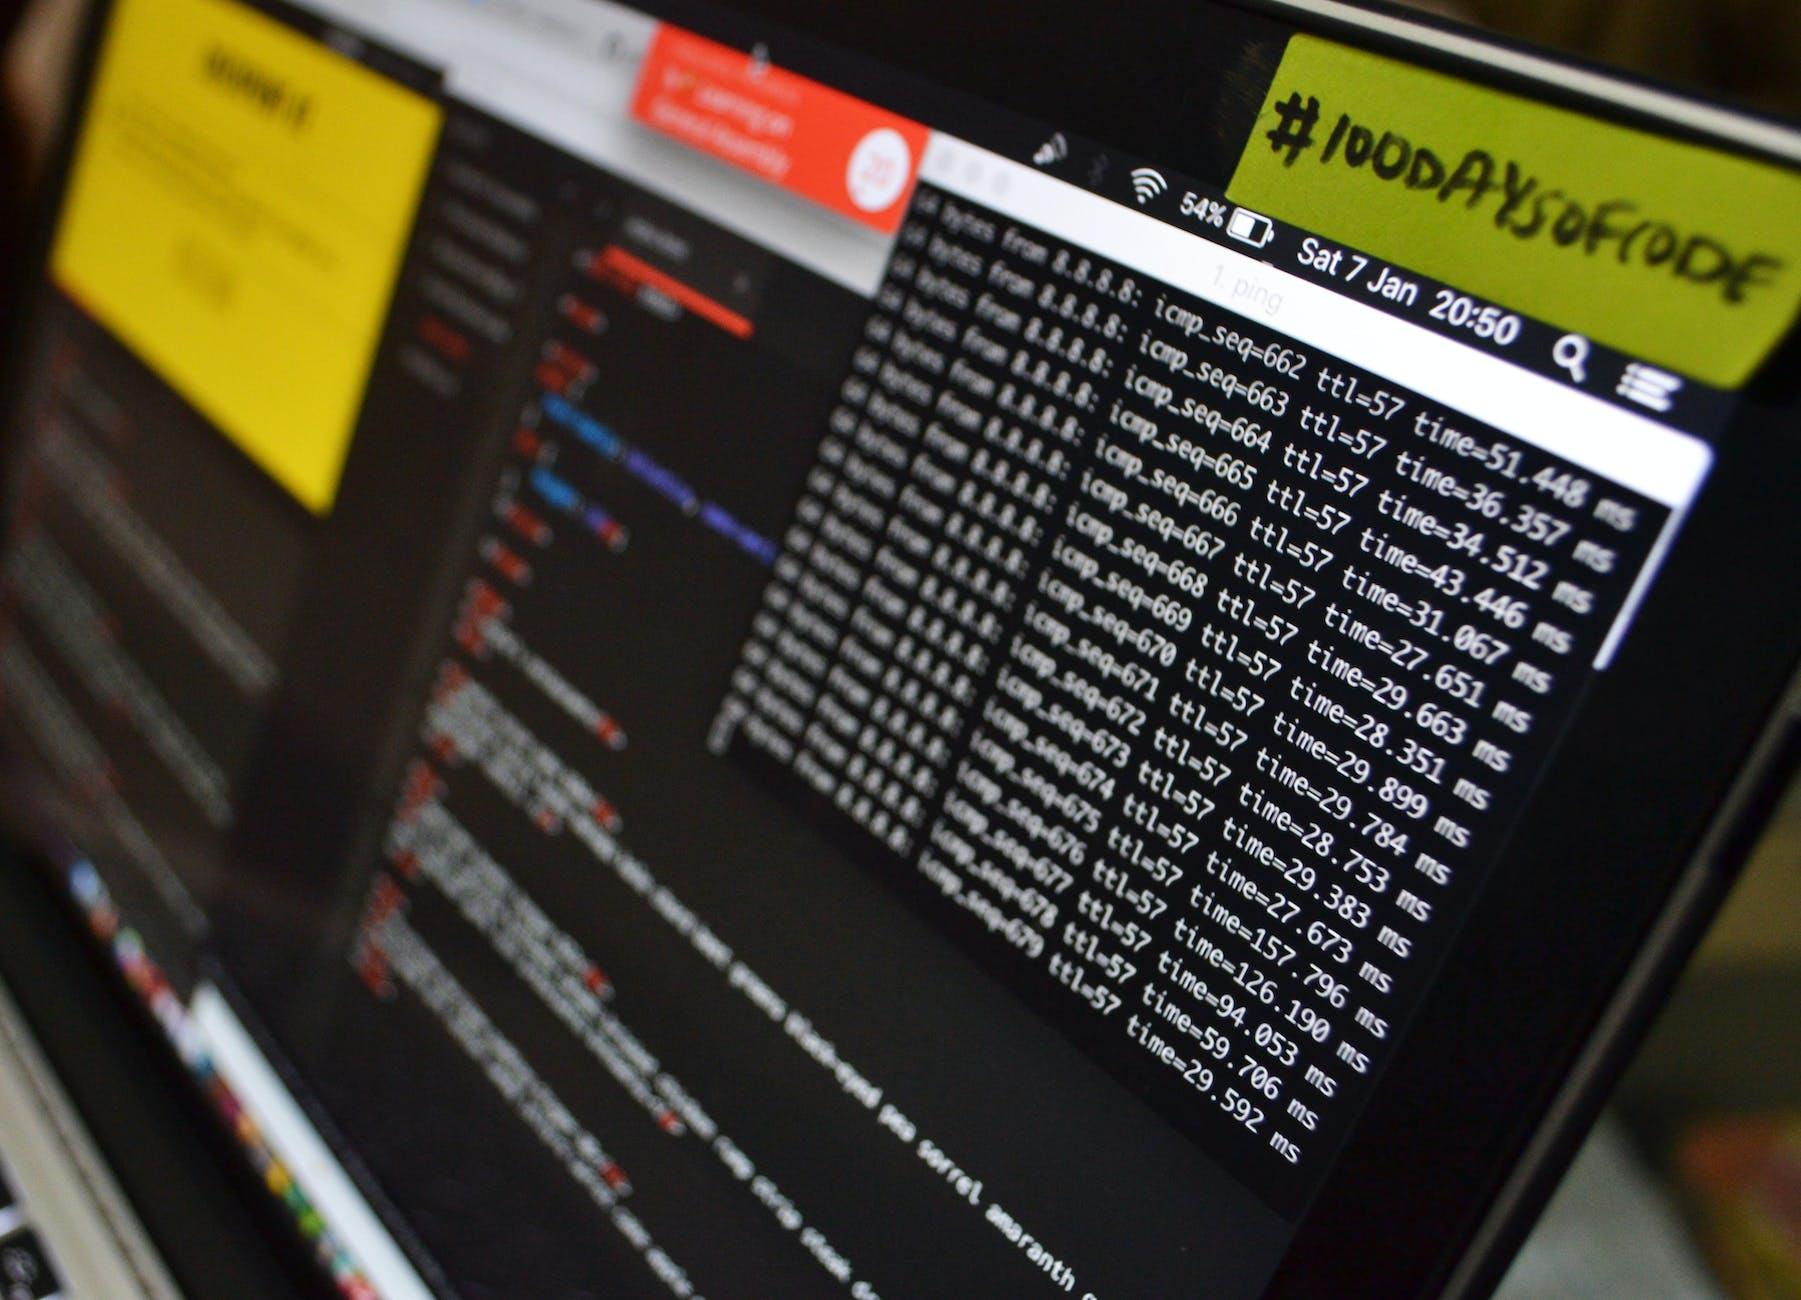 Attila PLC programozóként is hasznosnak találja a webfejlesztést